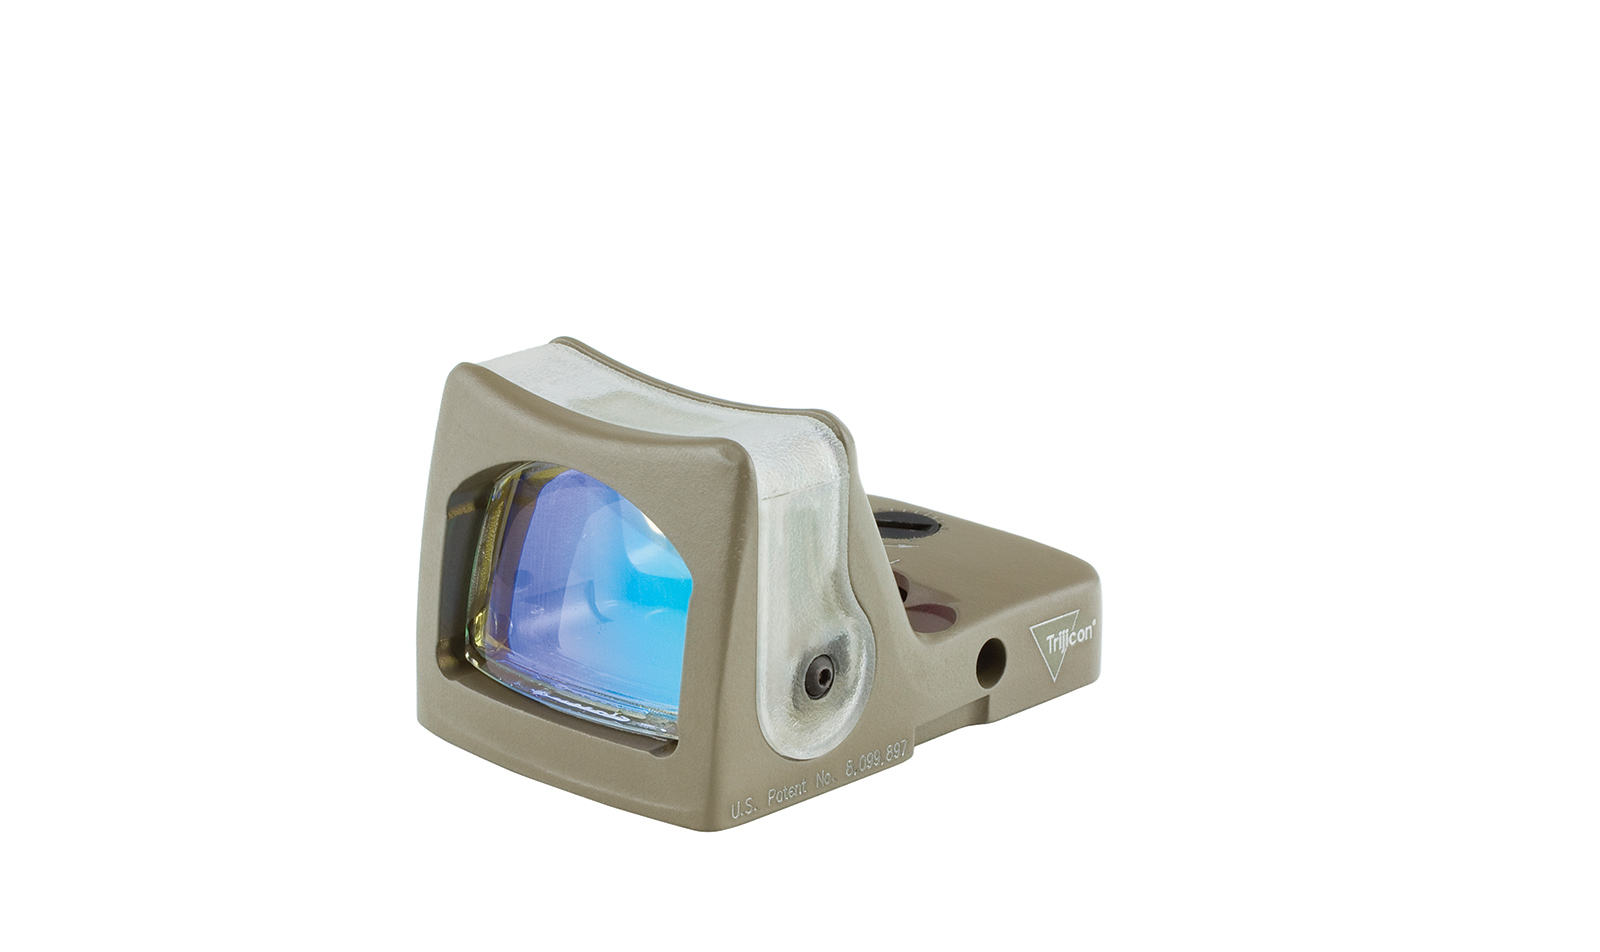 RM08-C-700258 angle 1